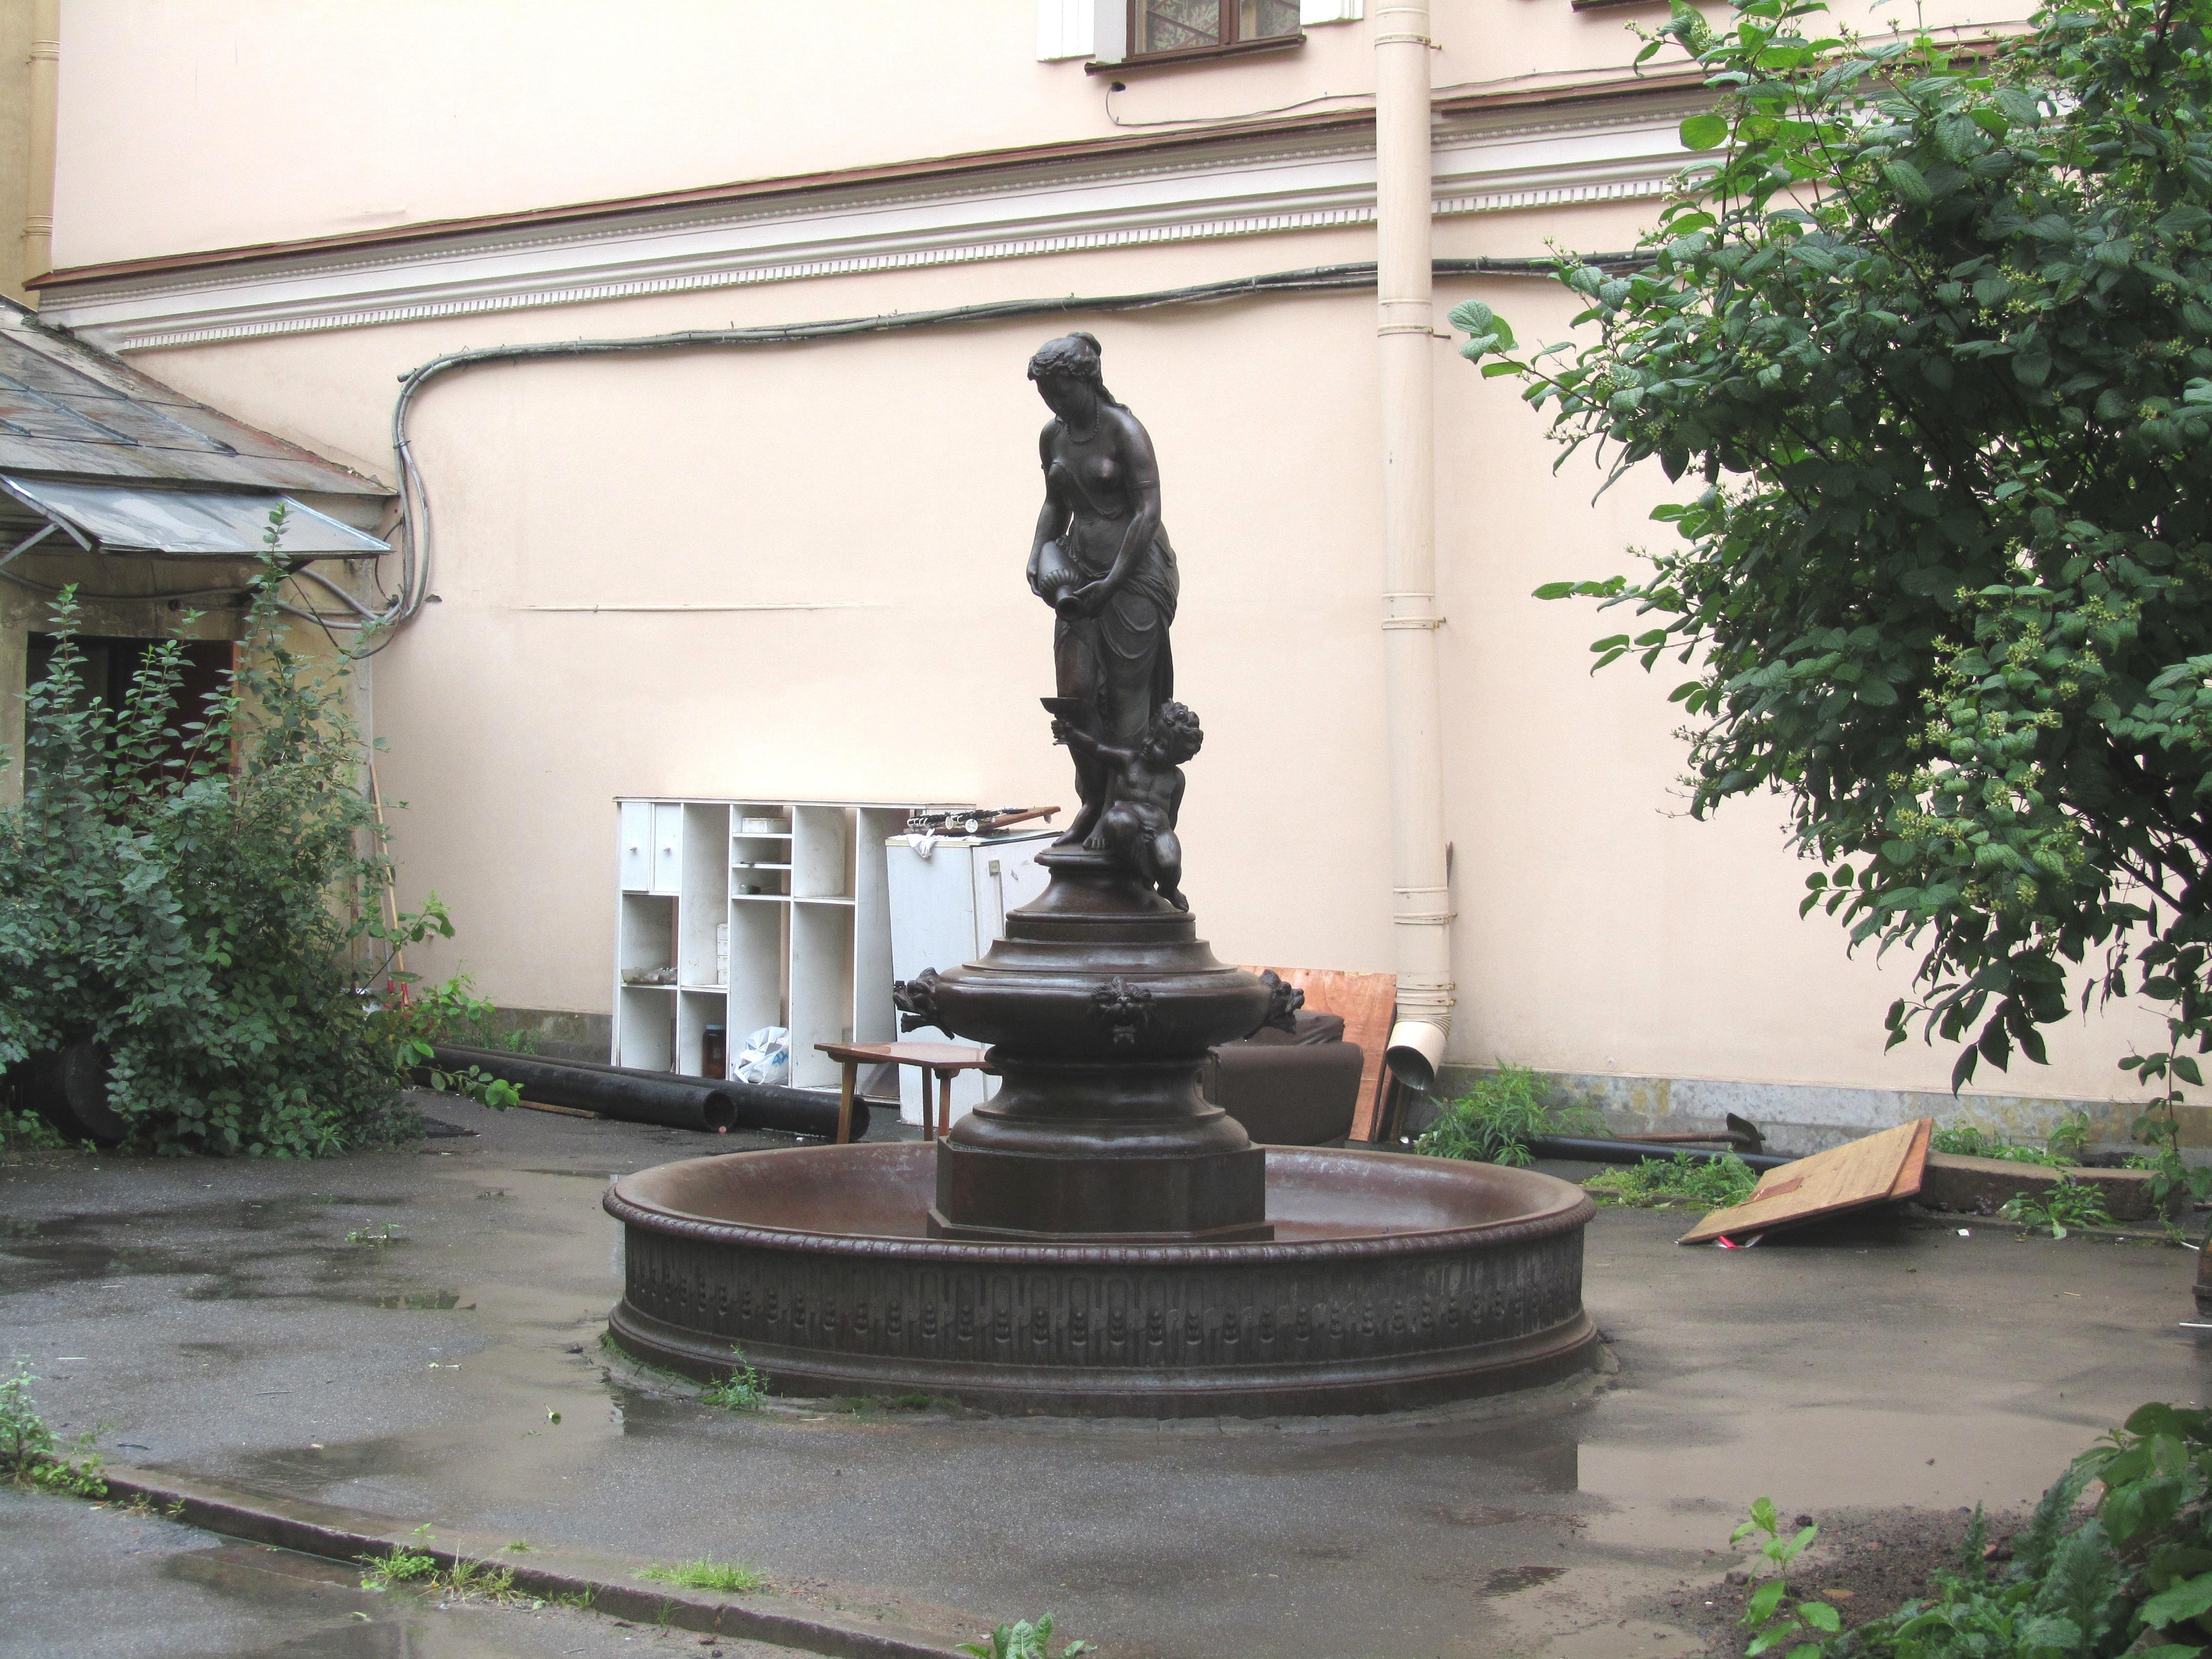 фонтан1.jpg